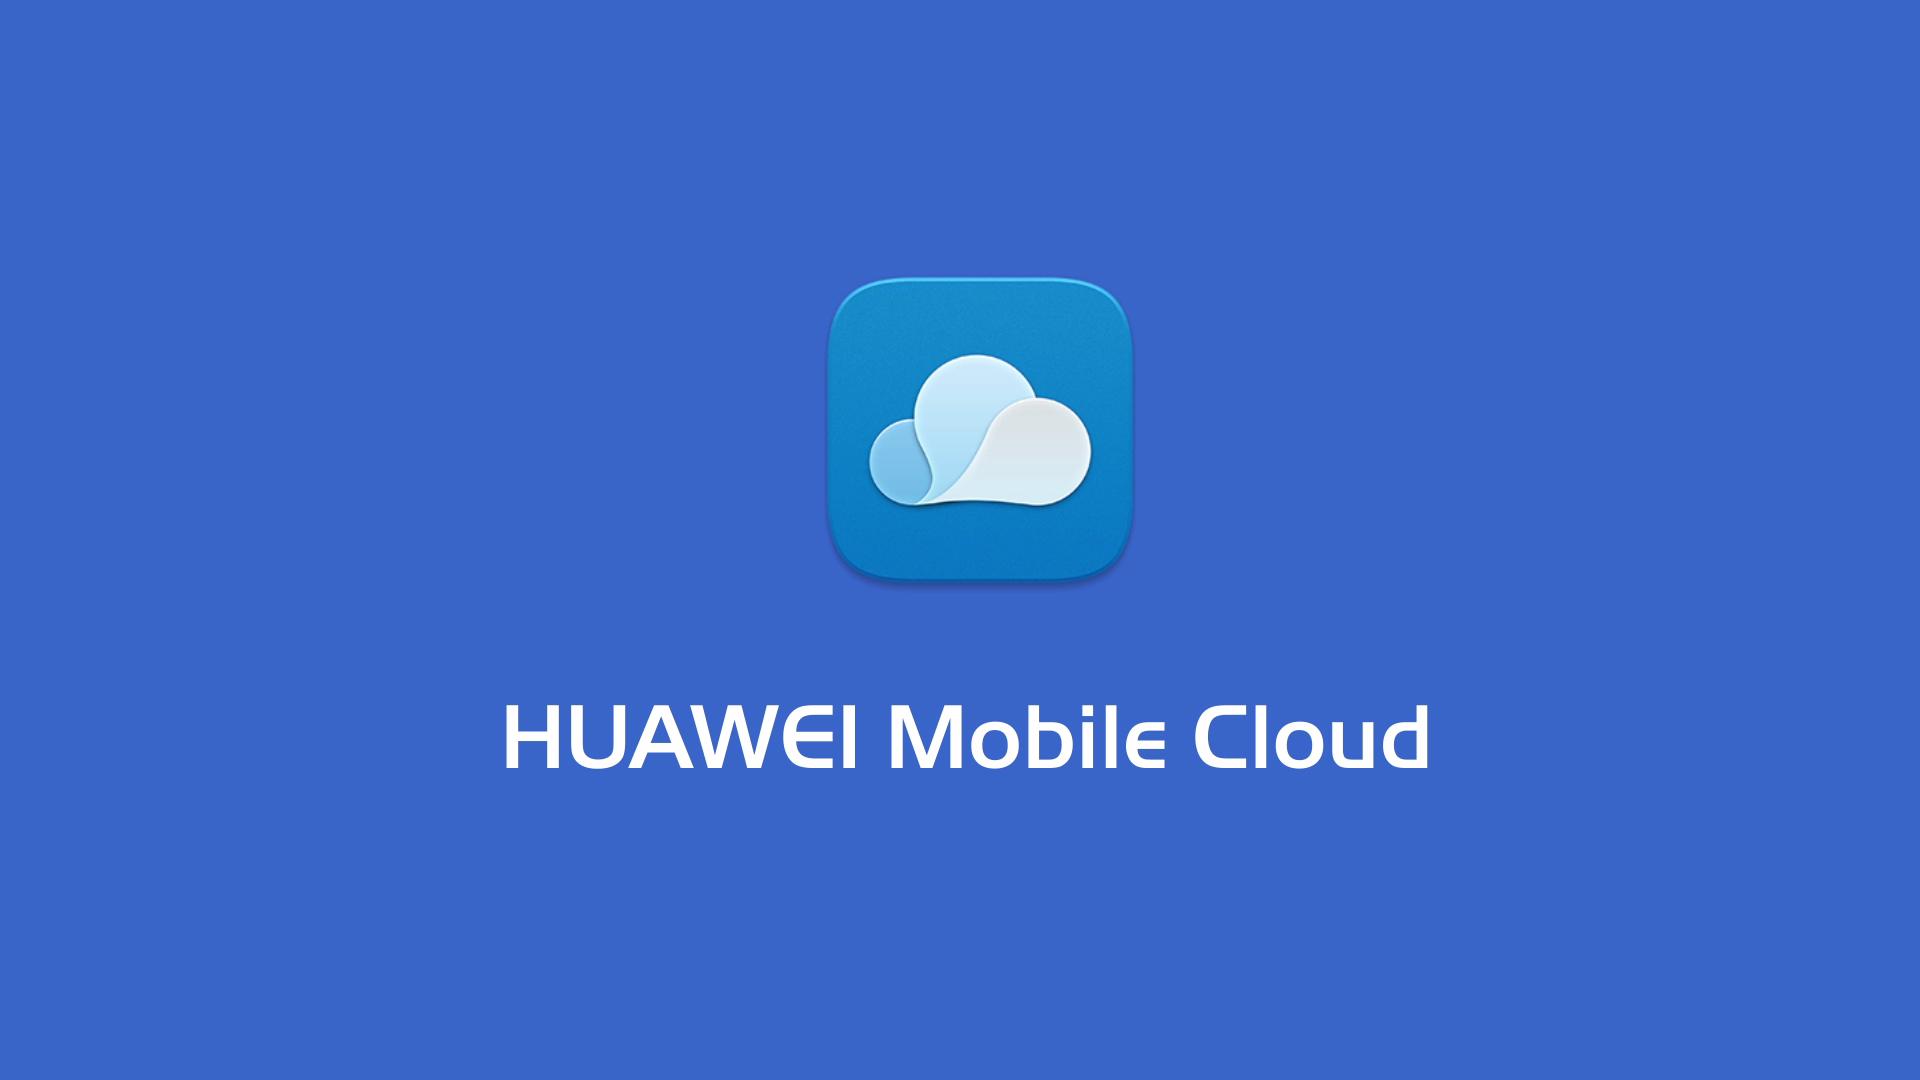 Huawei Mobile Cloud logo